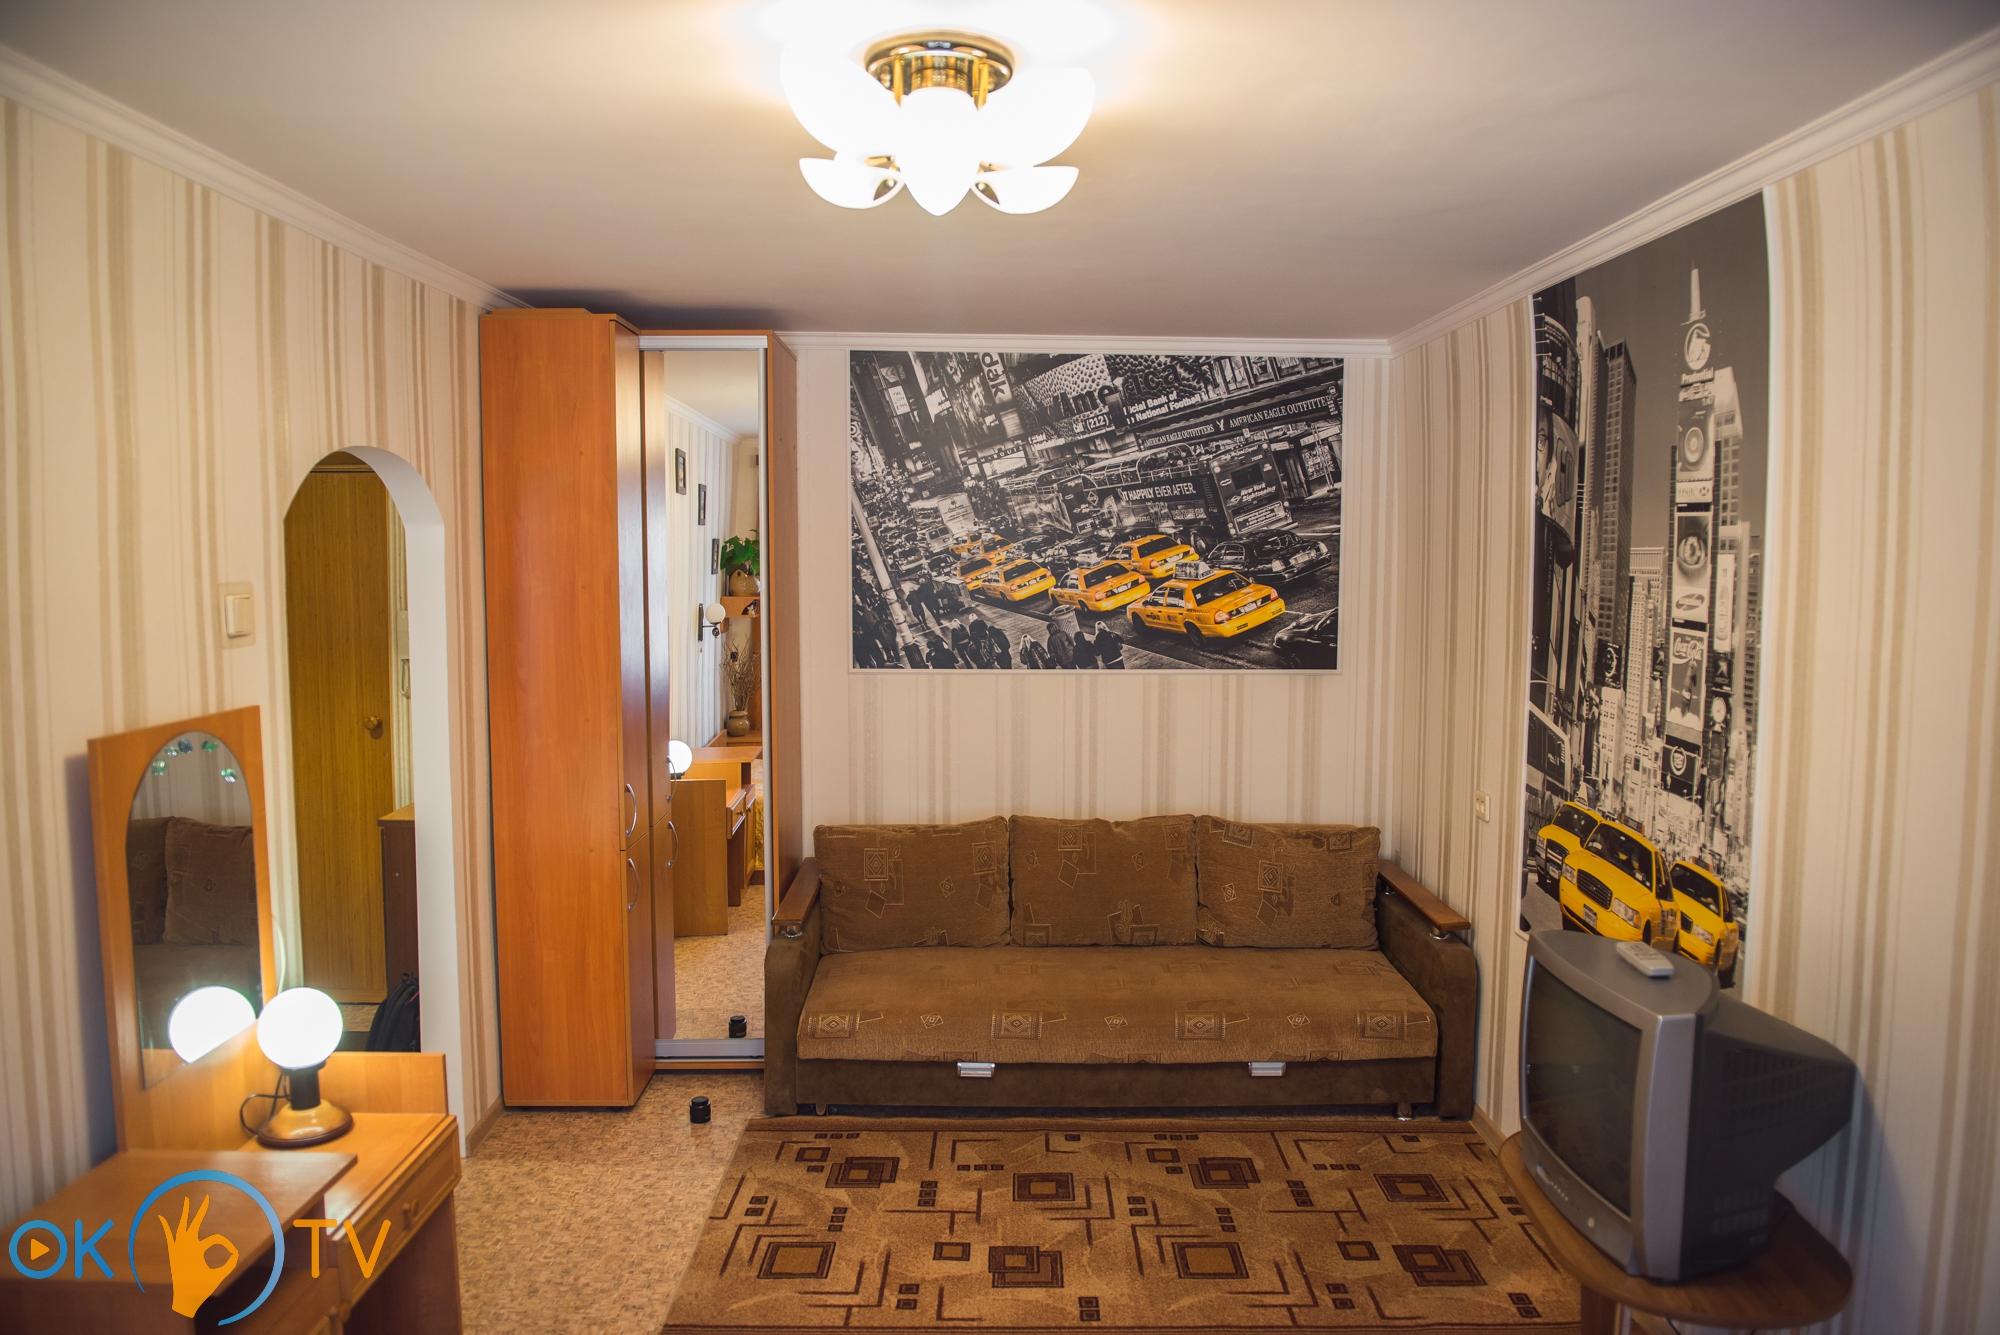 Comprare una camera da letto a Padova vicino al mare